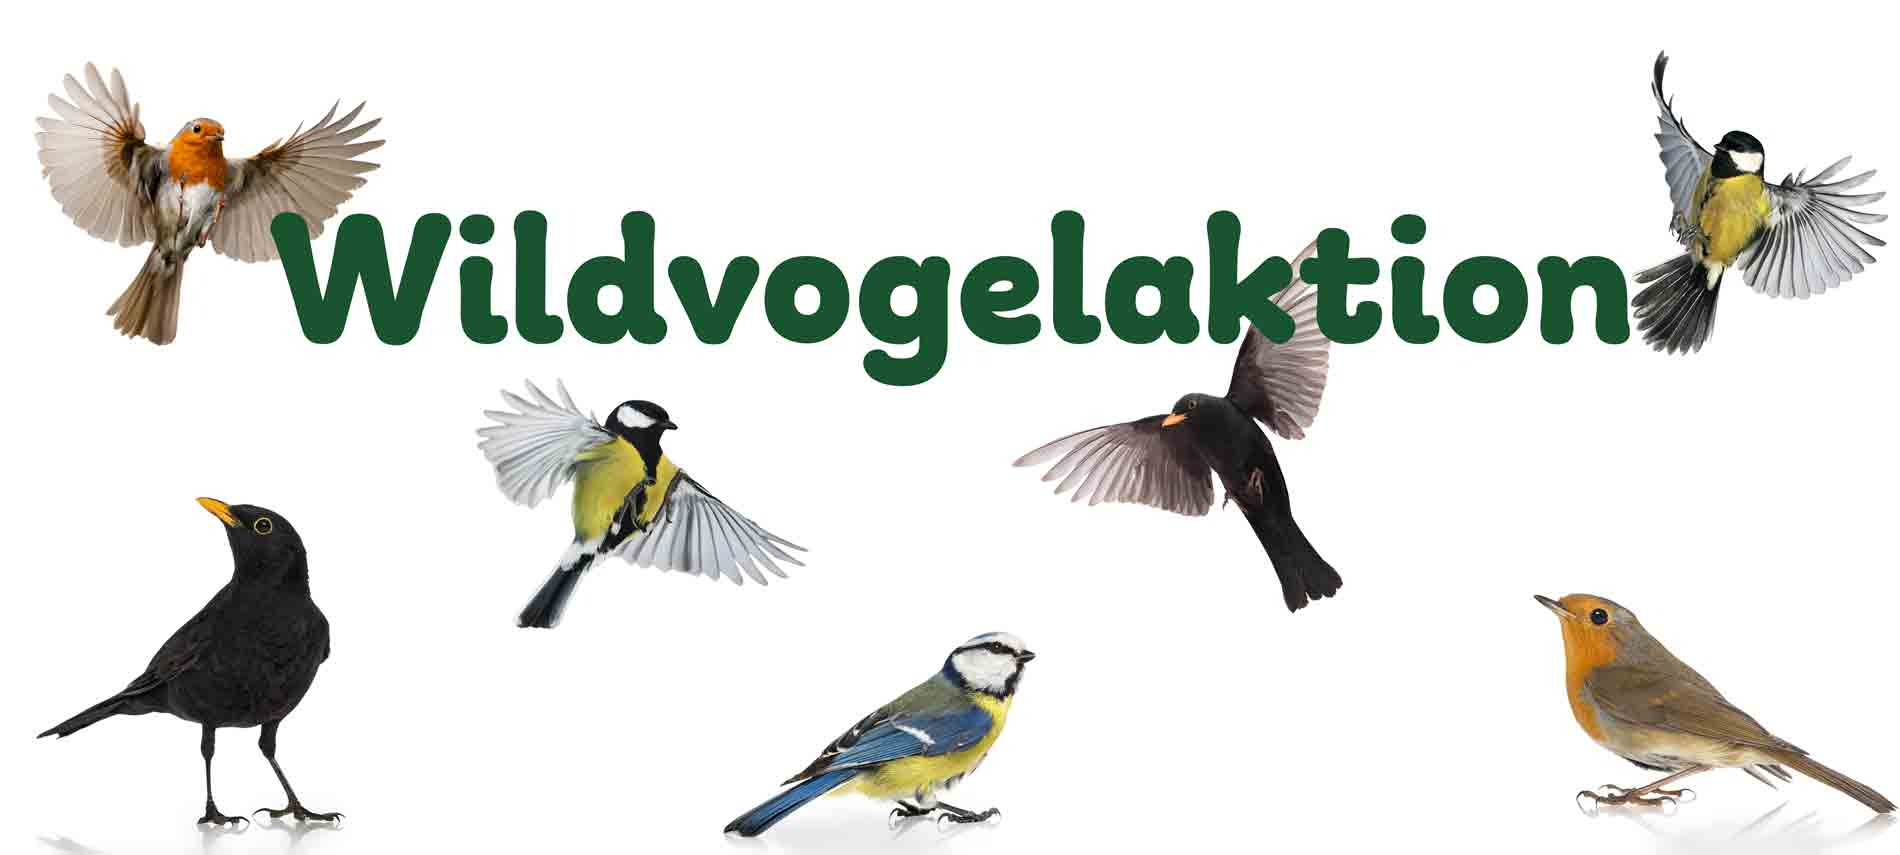 Erdenfreund Singvögelaktion